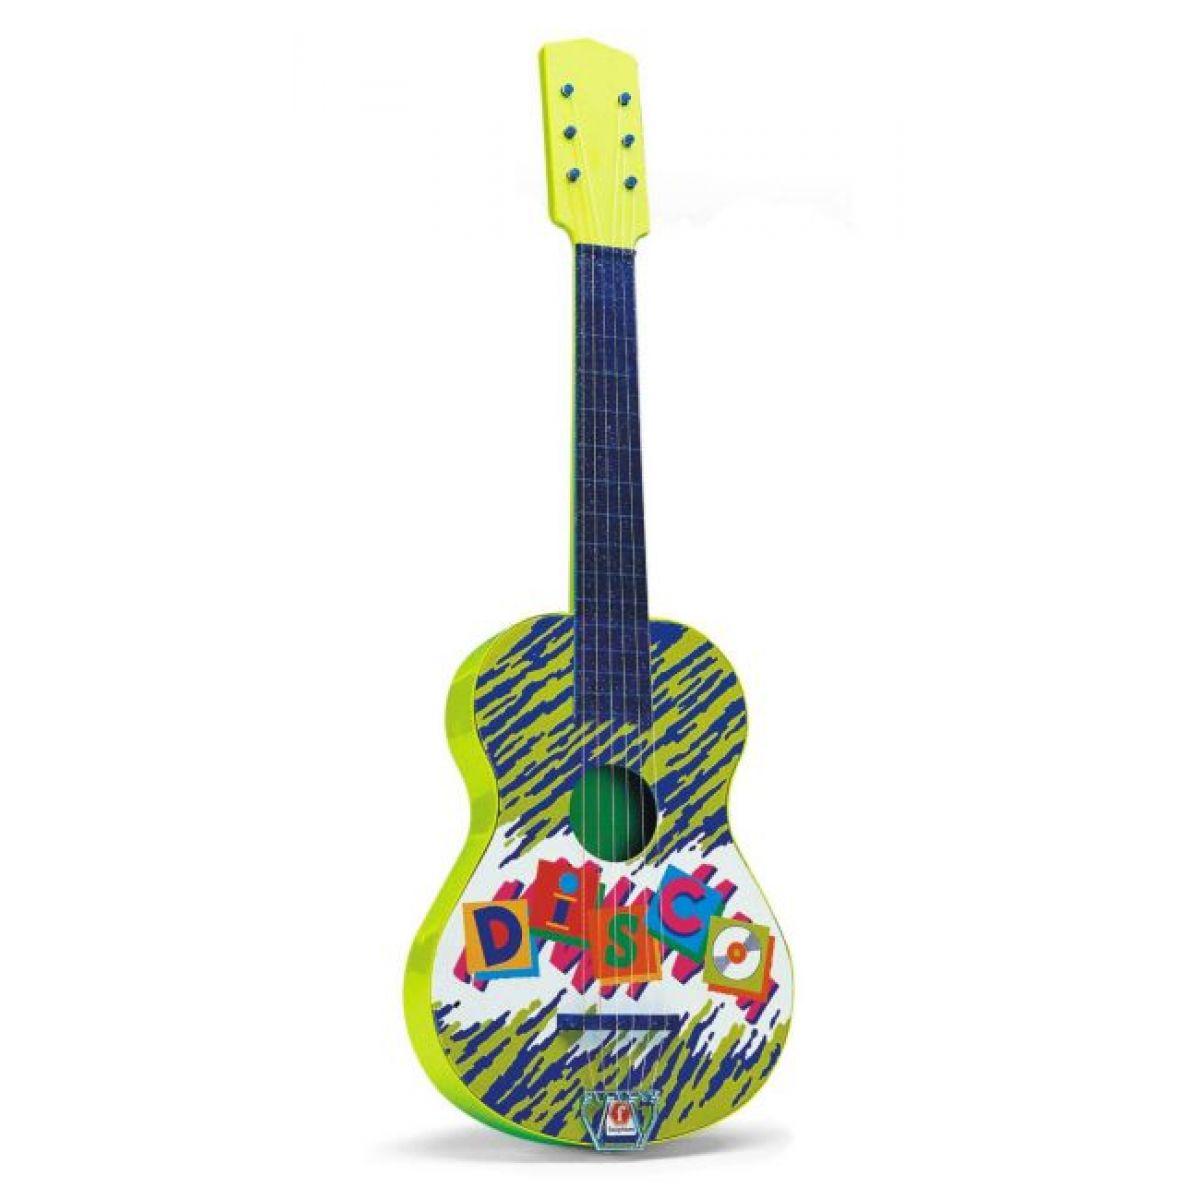 Kytara DISCO 70cm - kovové struny Faiplast